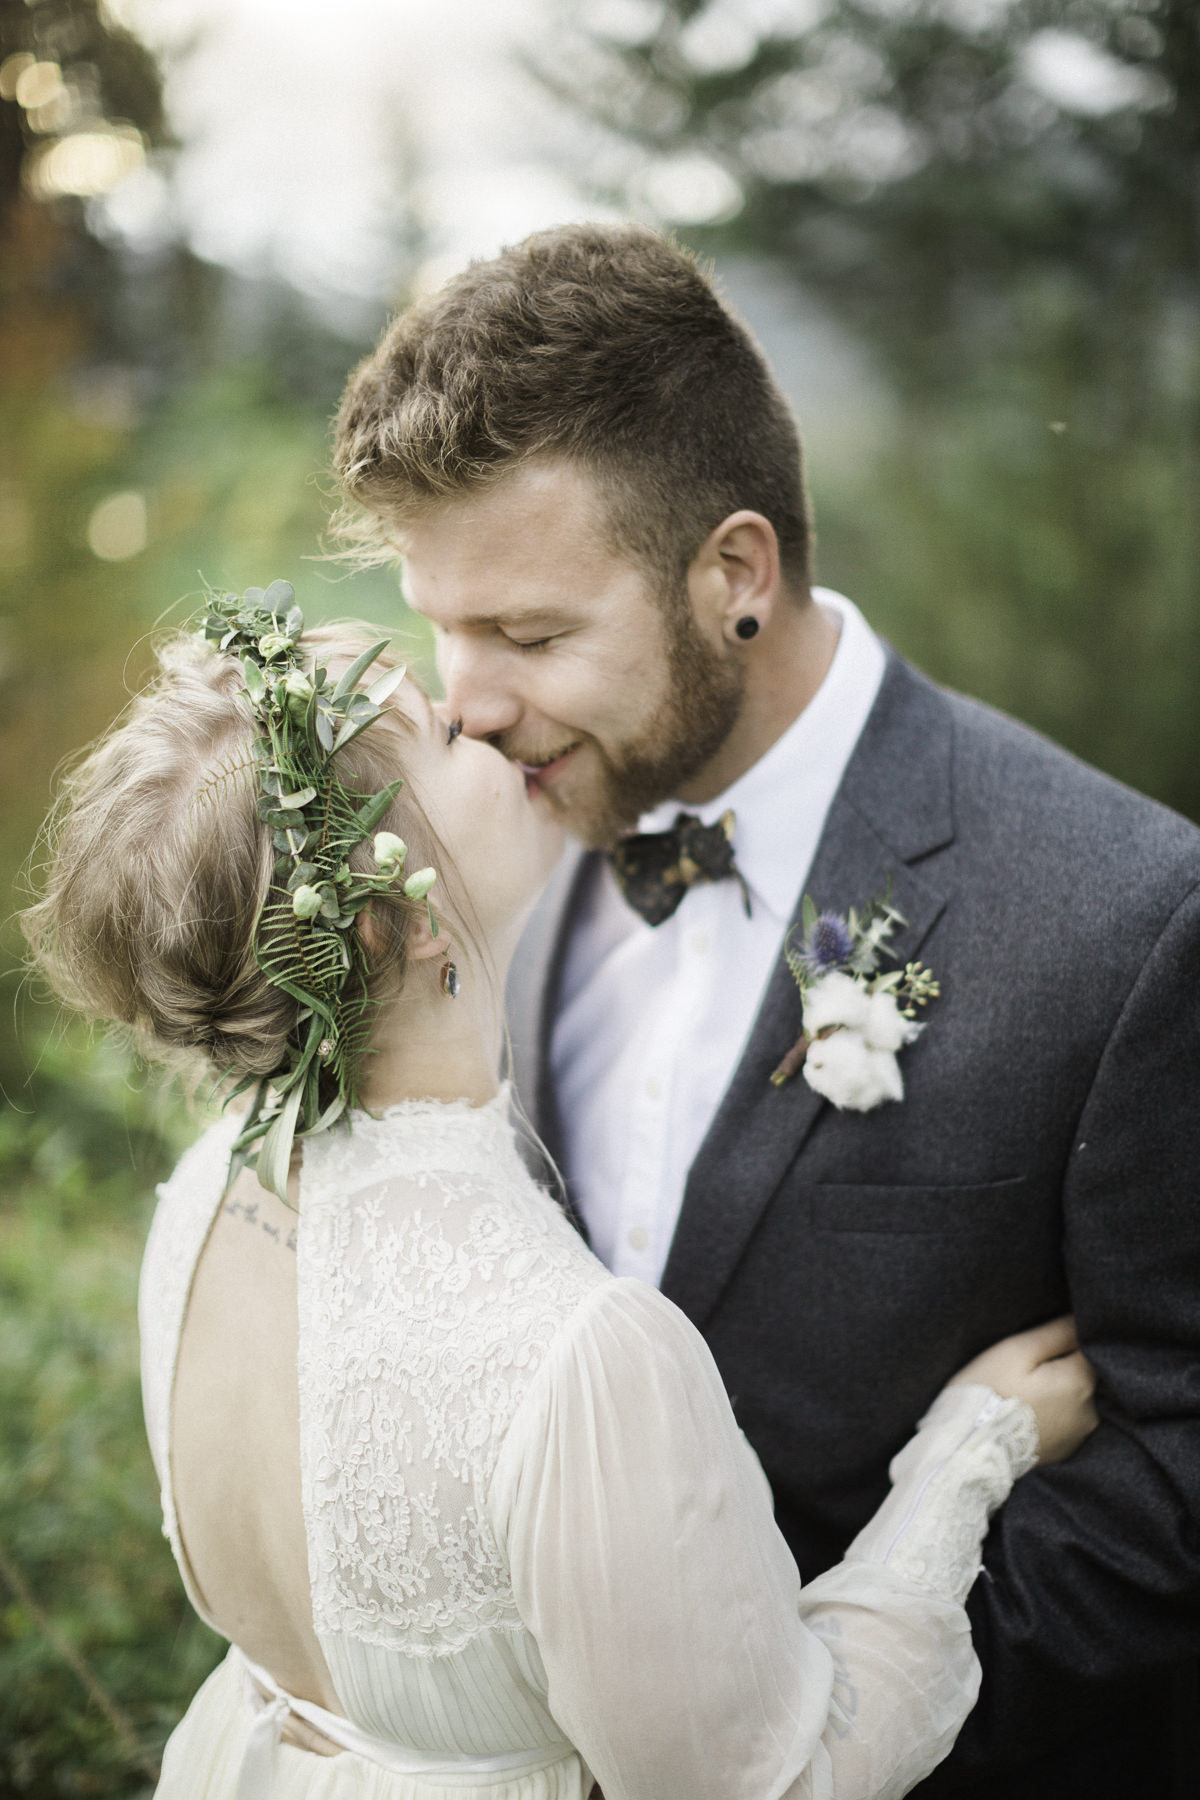 Matt-and-Chelsey-Nelson-wedding-46.jpg